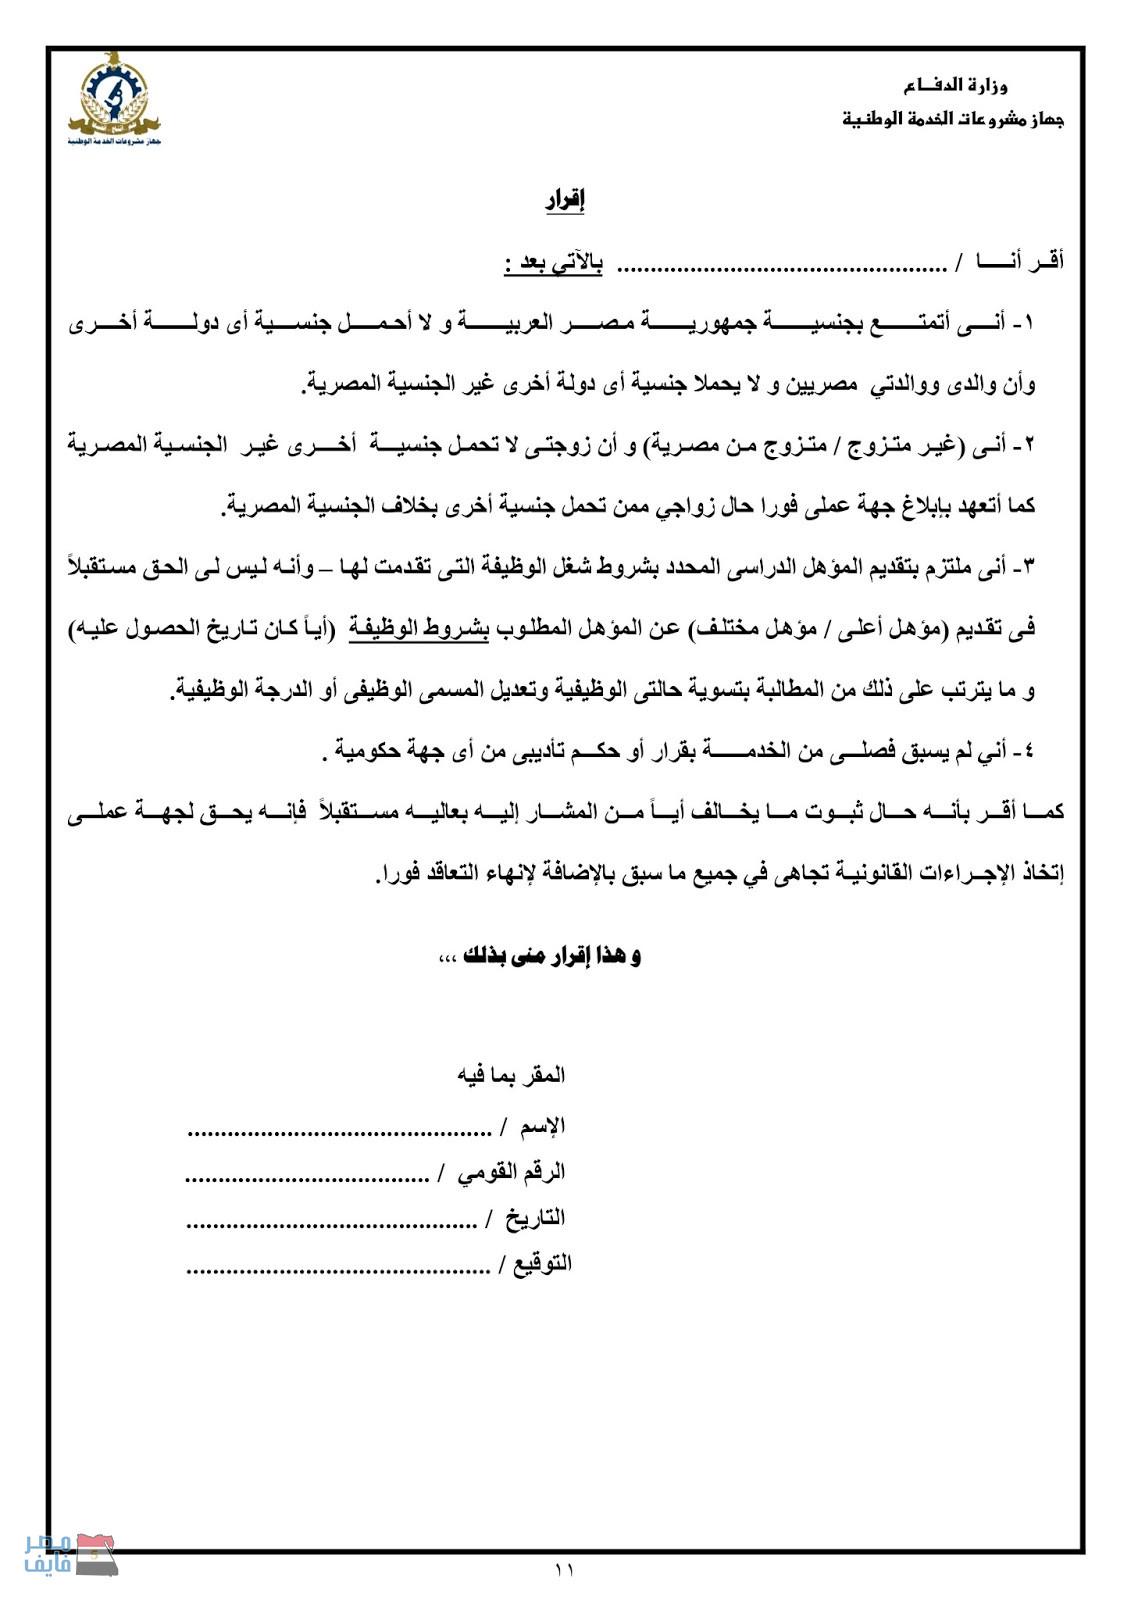 وظائف وزارة الدفاع في عدد من المحافظات لجميع المؤهلات العلمية والتقديم حتى 12 فبراير 11